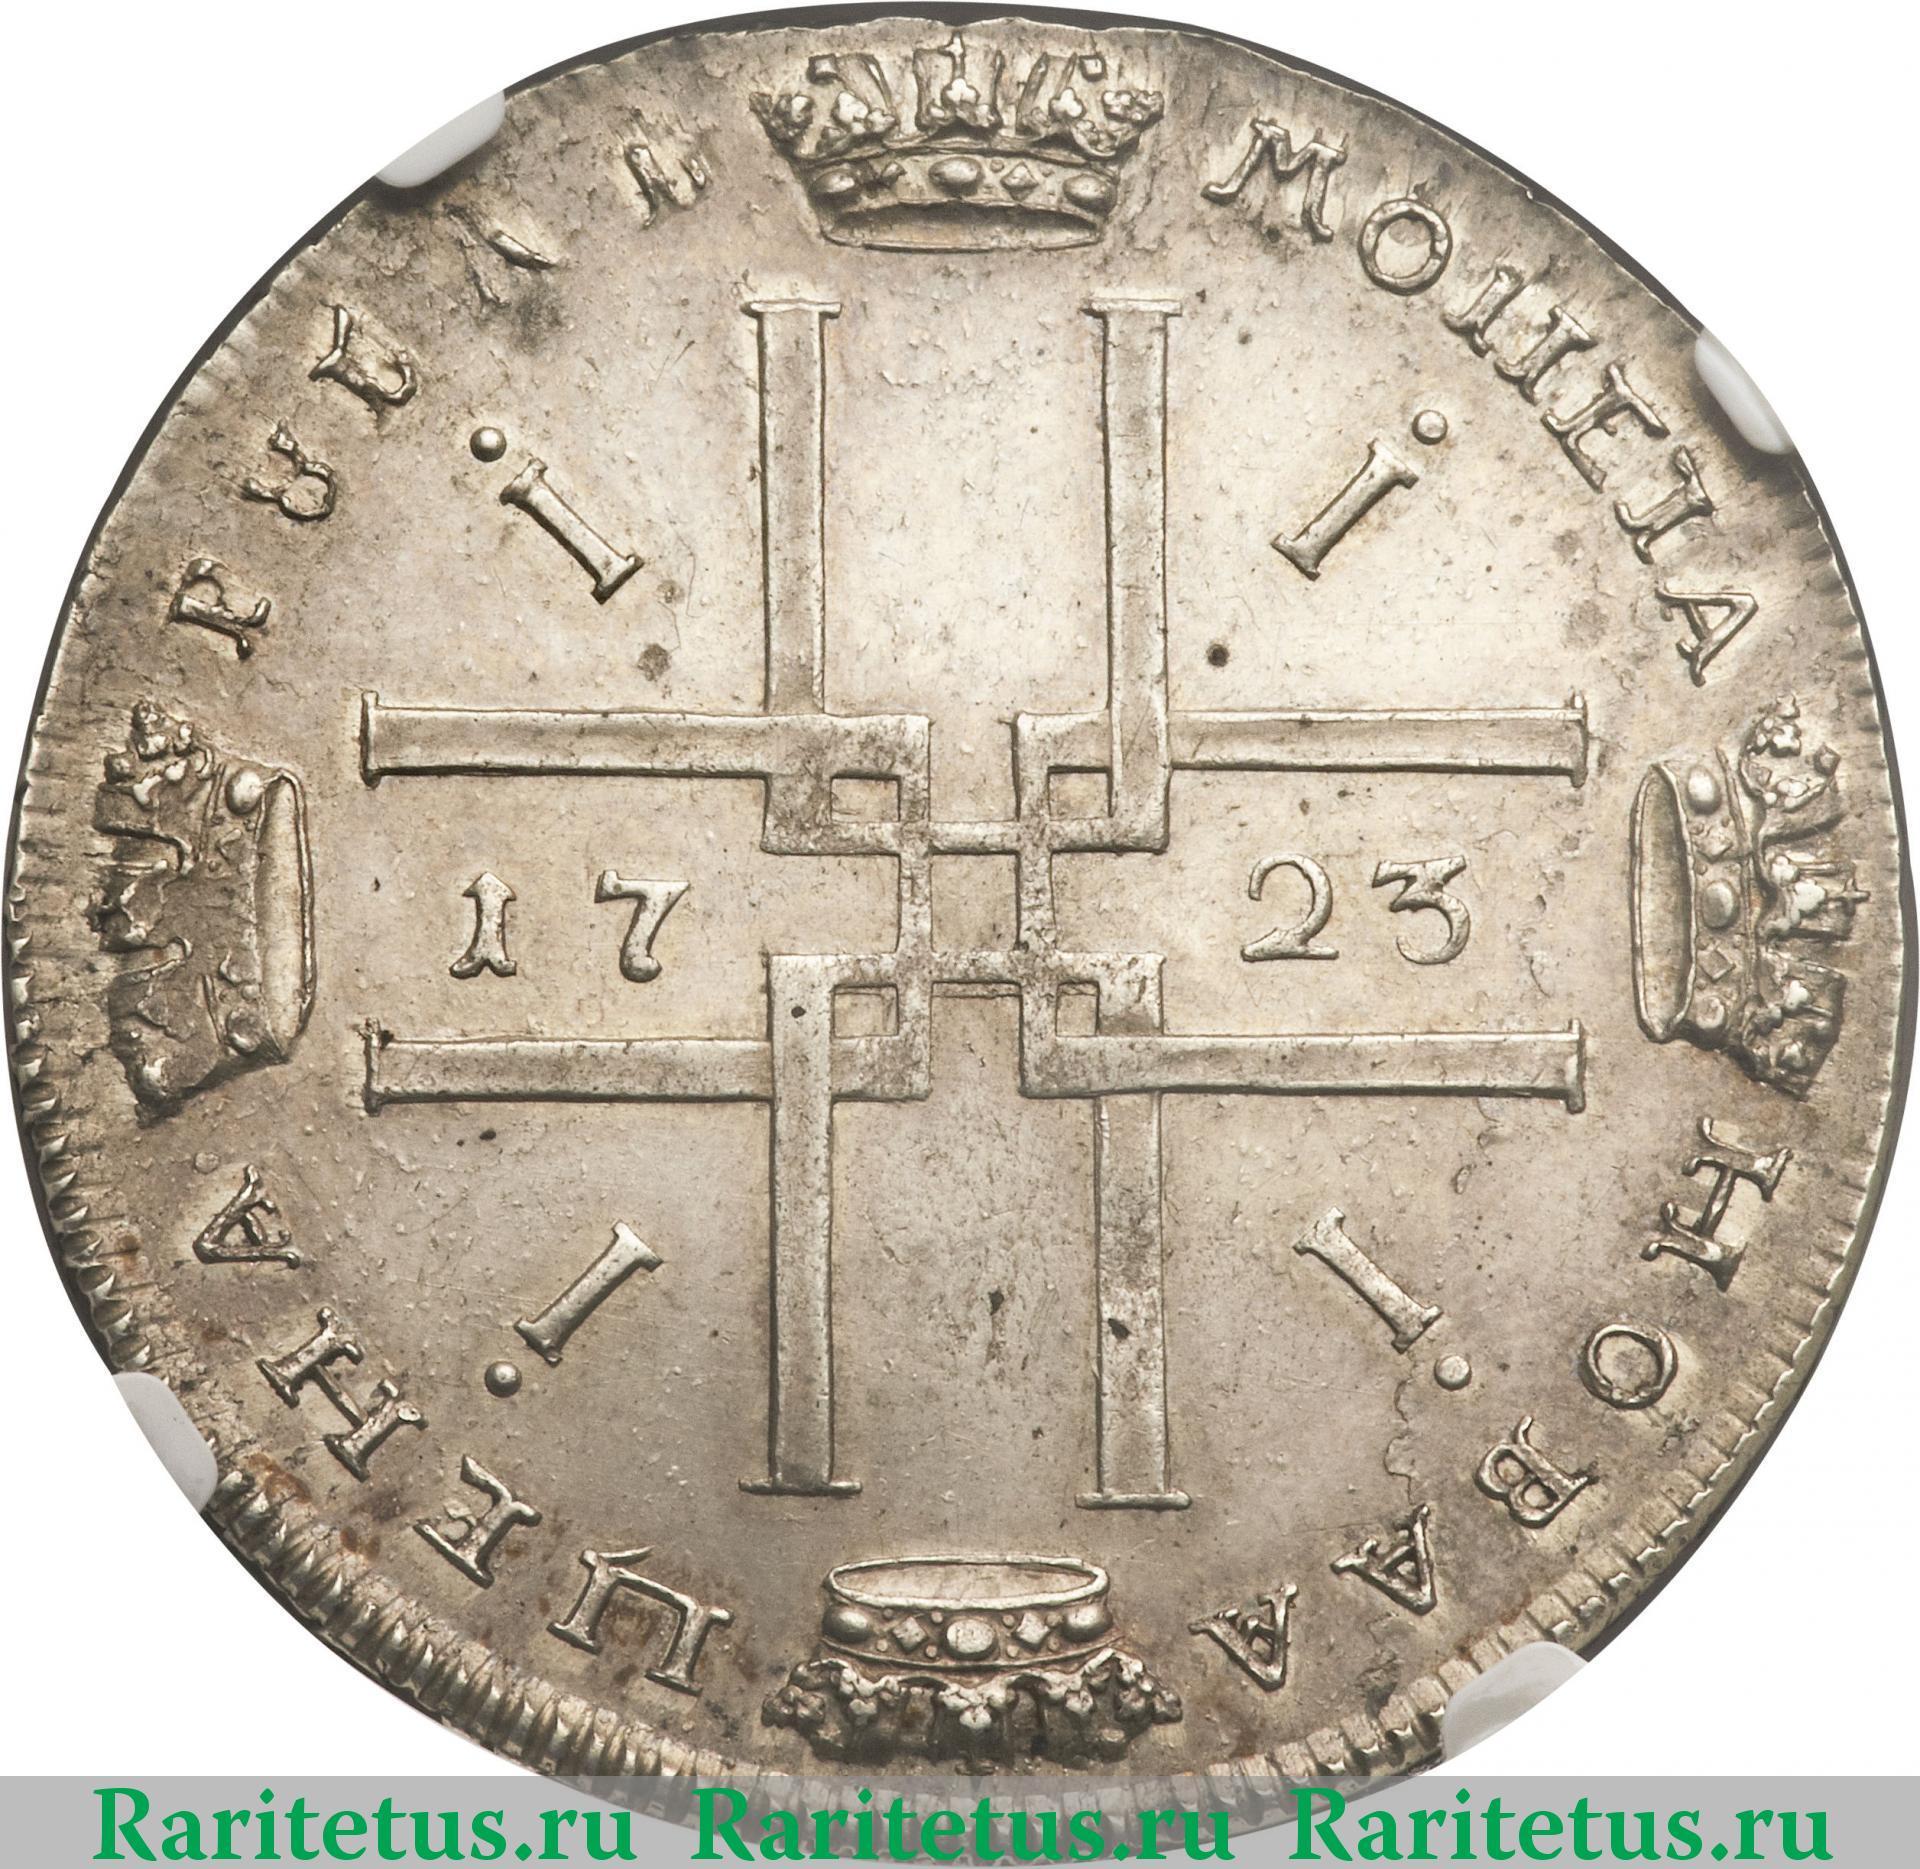 Реверс монеты 1 рубль 1723 года новодел